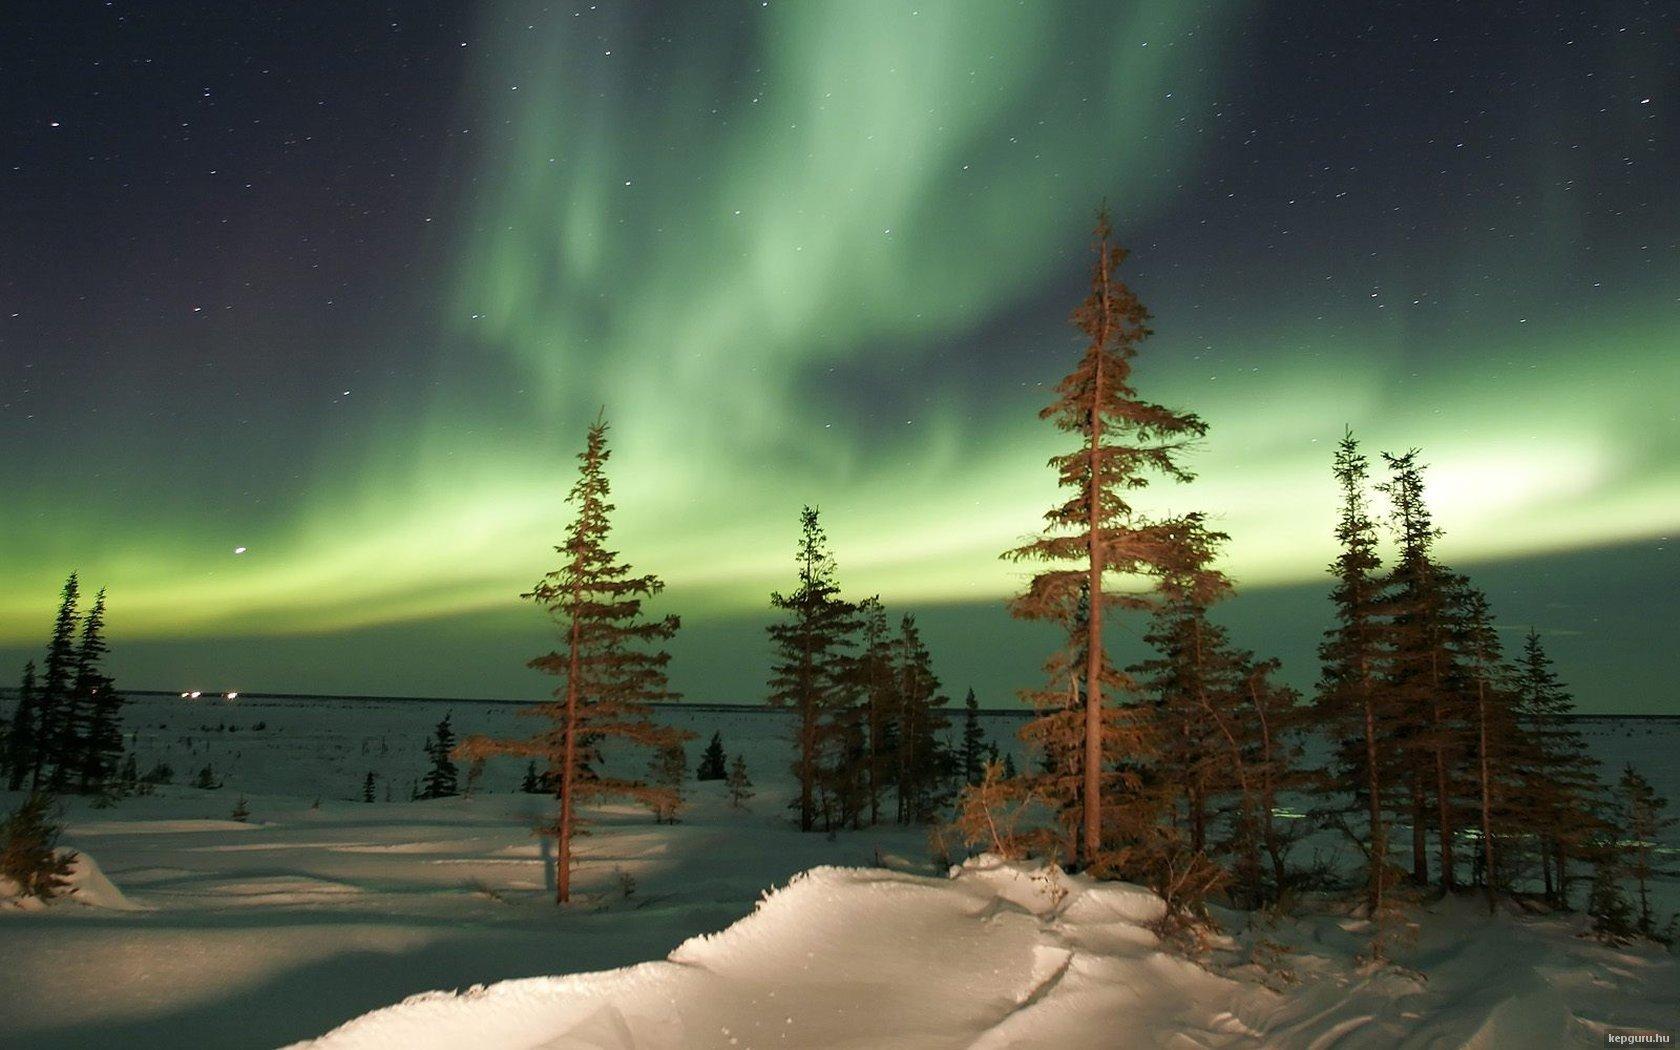 Aurora boreale sfondo and sfondi 1680x1050 id 337171 for Aurora boreale sfondo